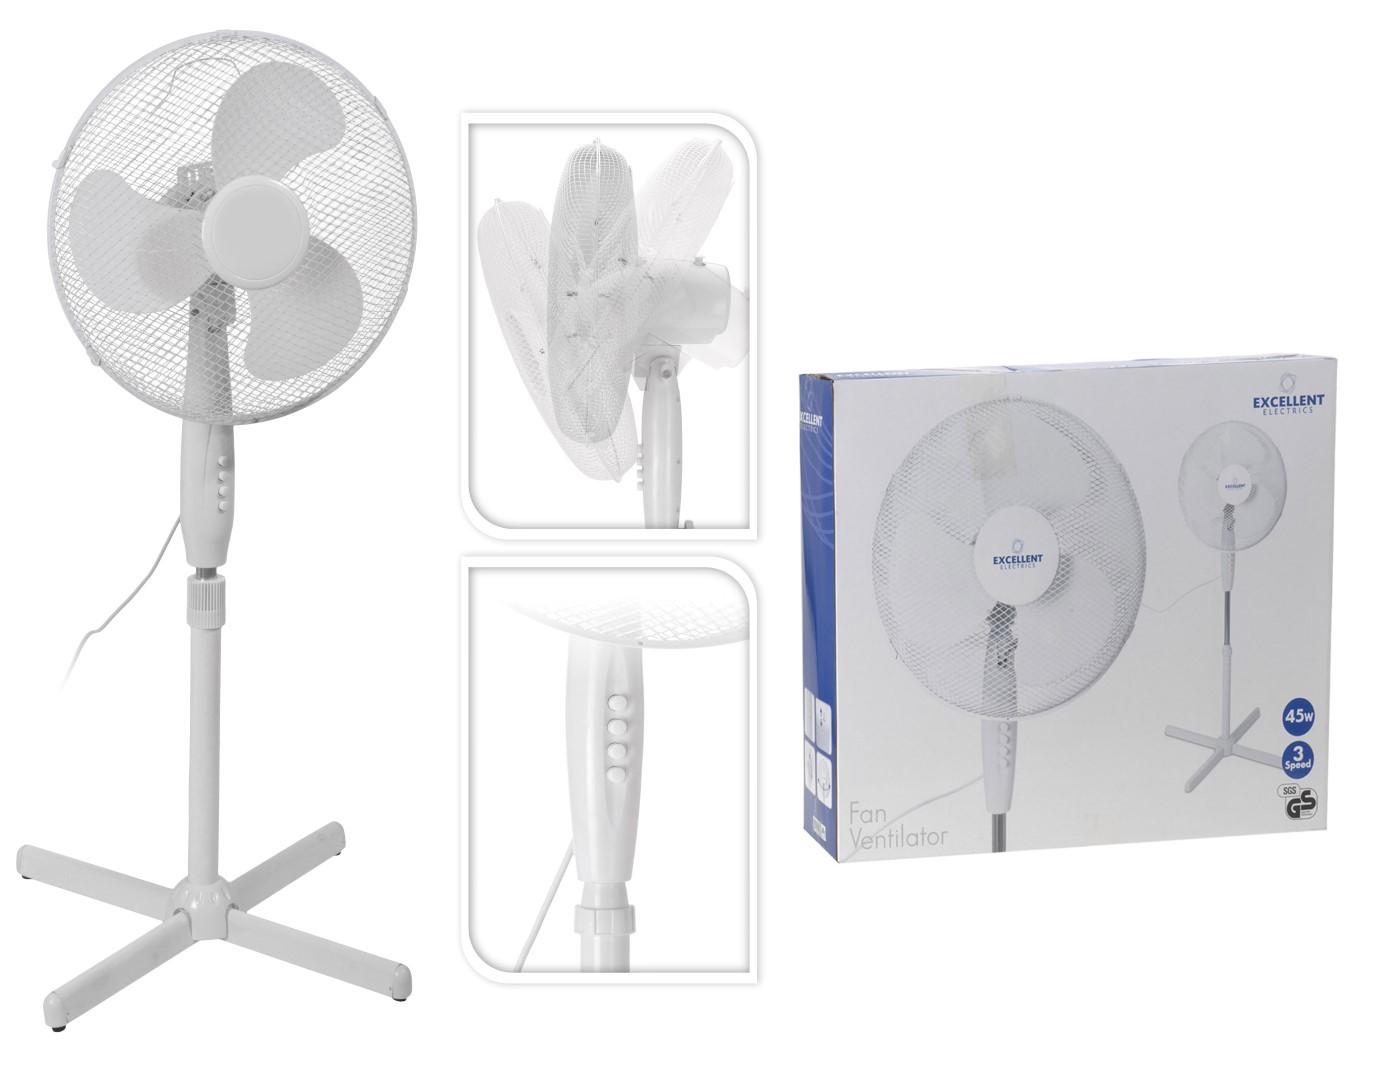 Ventilator staand dia 40cm 220 v - 45 watt